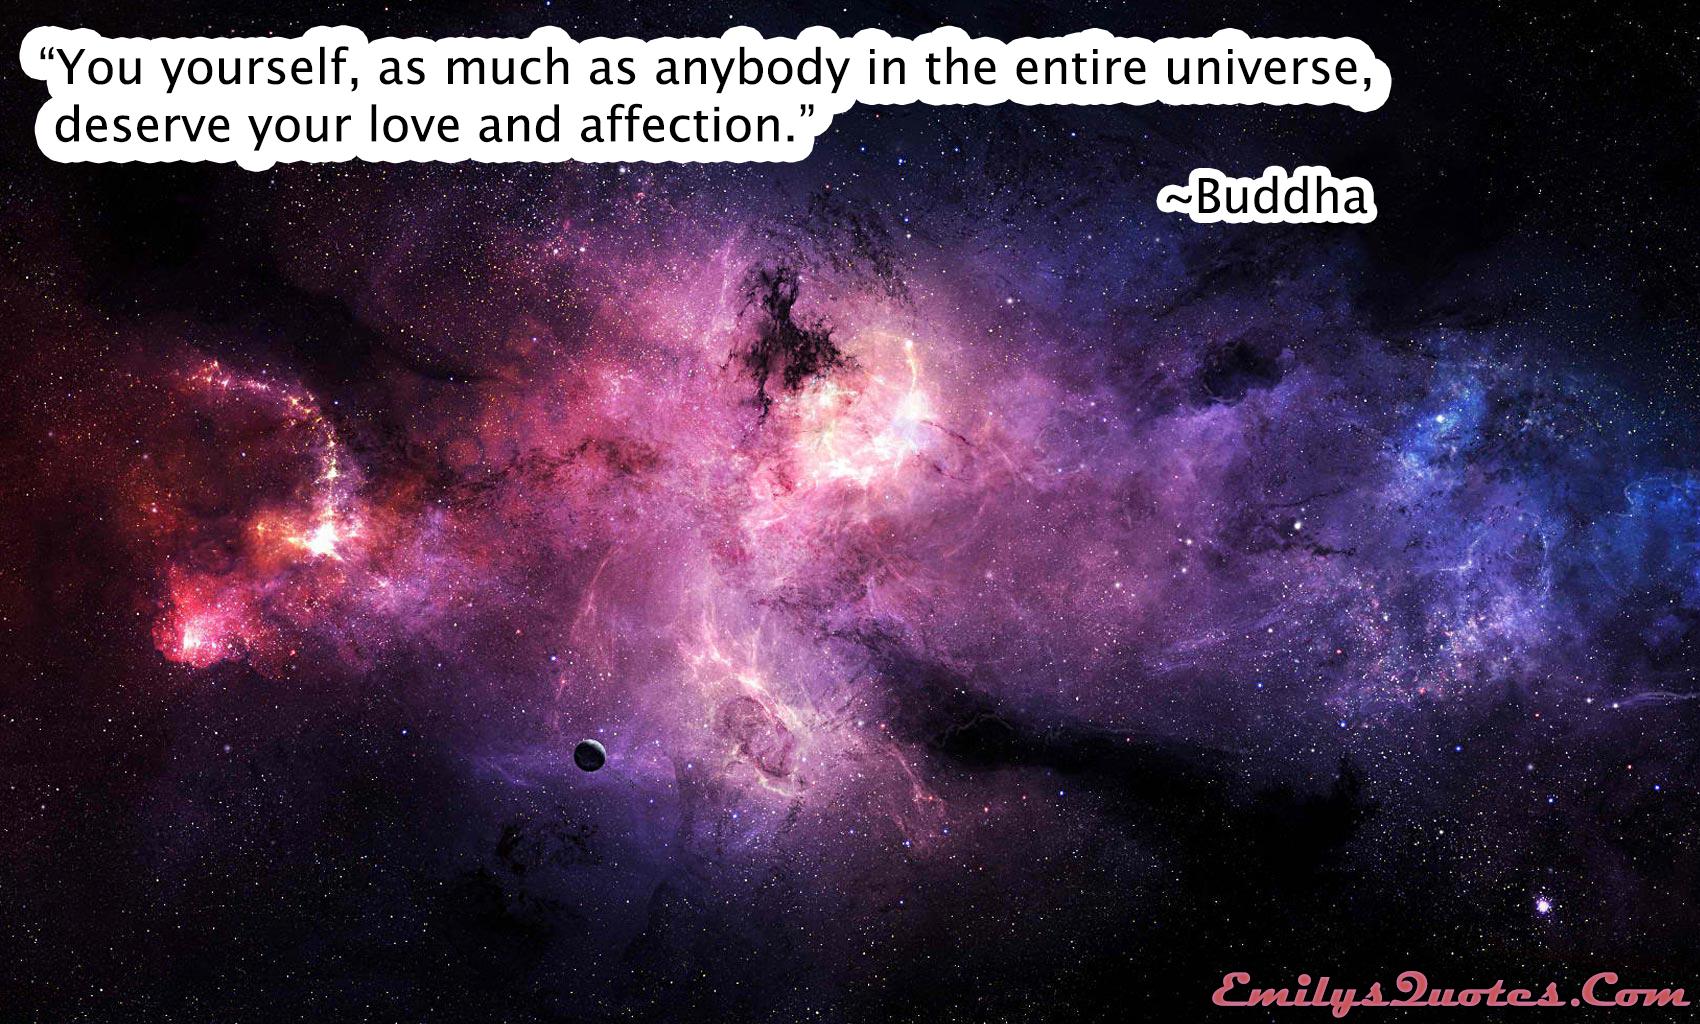 EmilysQuotes.Com - love, affection, wisdom, buddha